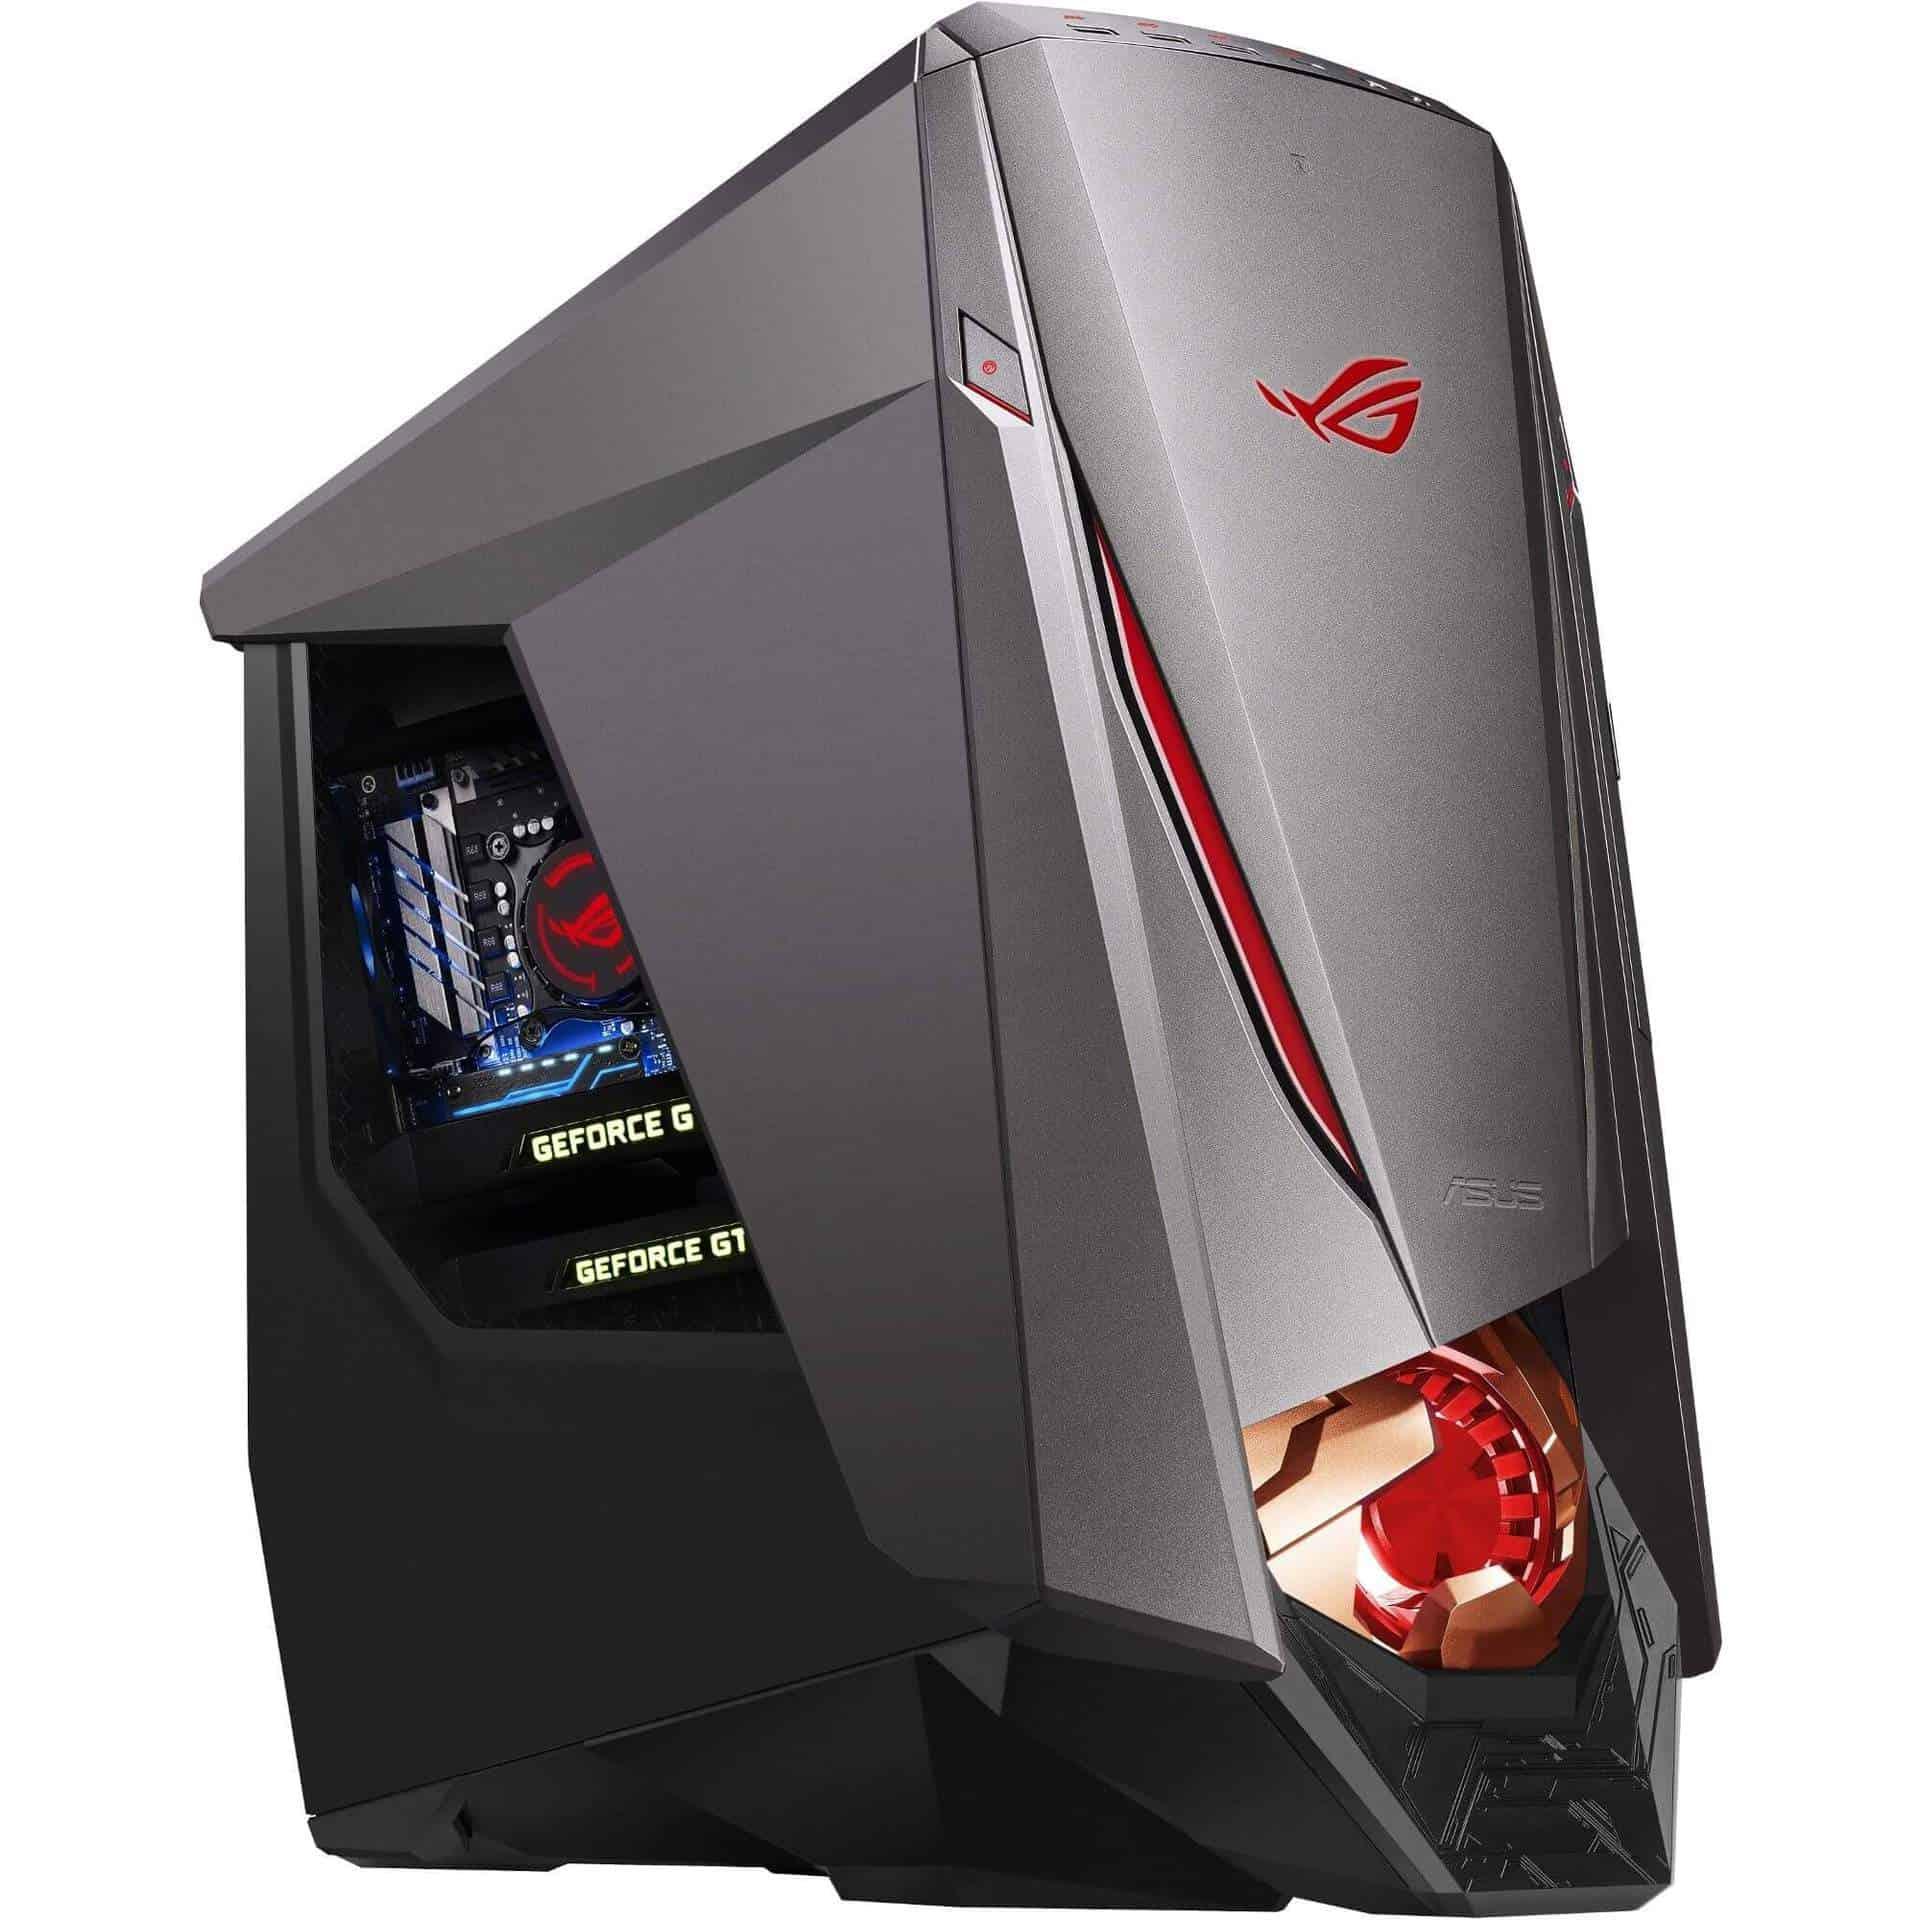 Asus GT51CA-RO004T - calculator performat dedicat gamerilor